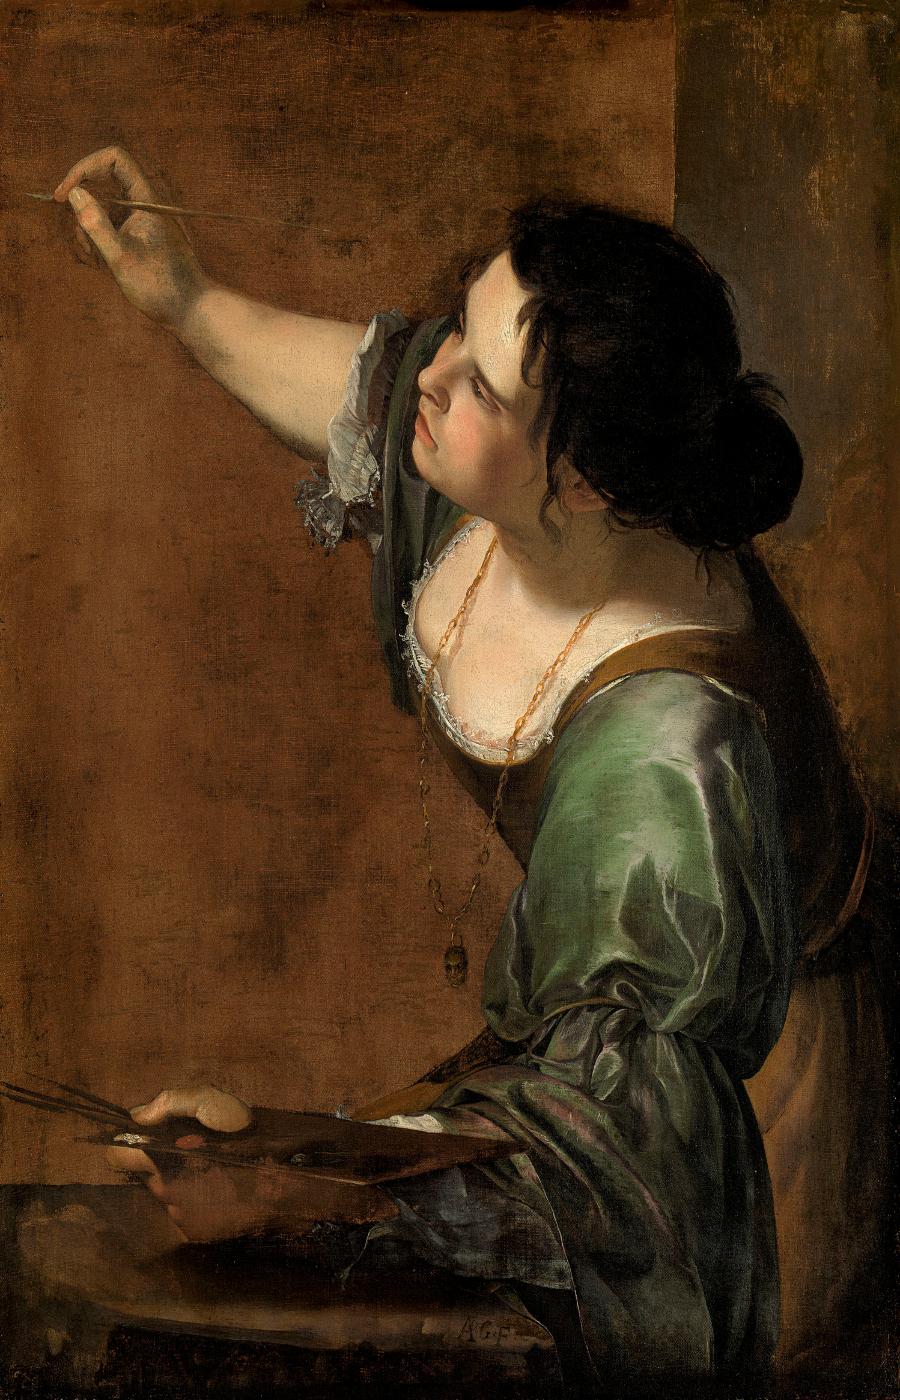 Artemisia Gentileschi. Autorretrato como alegoría de la pintura